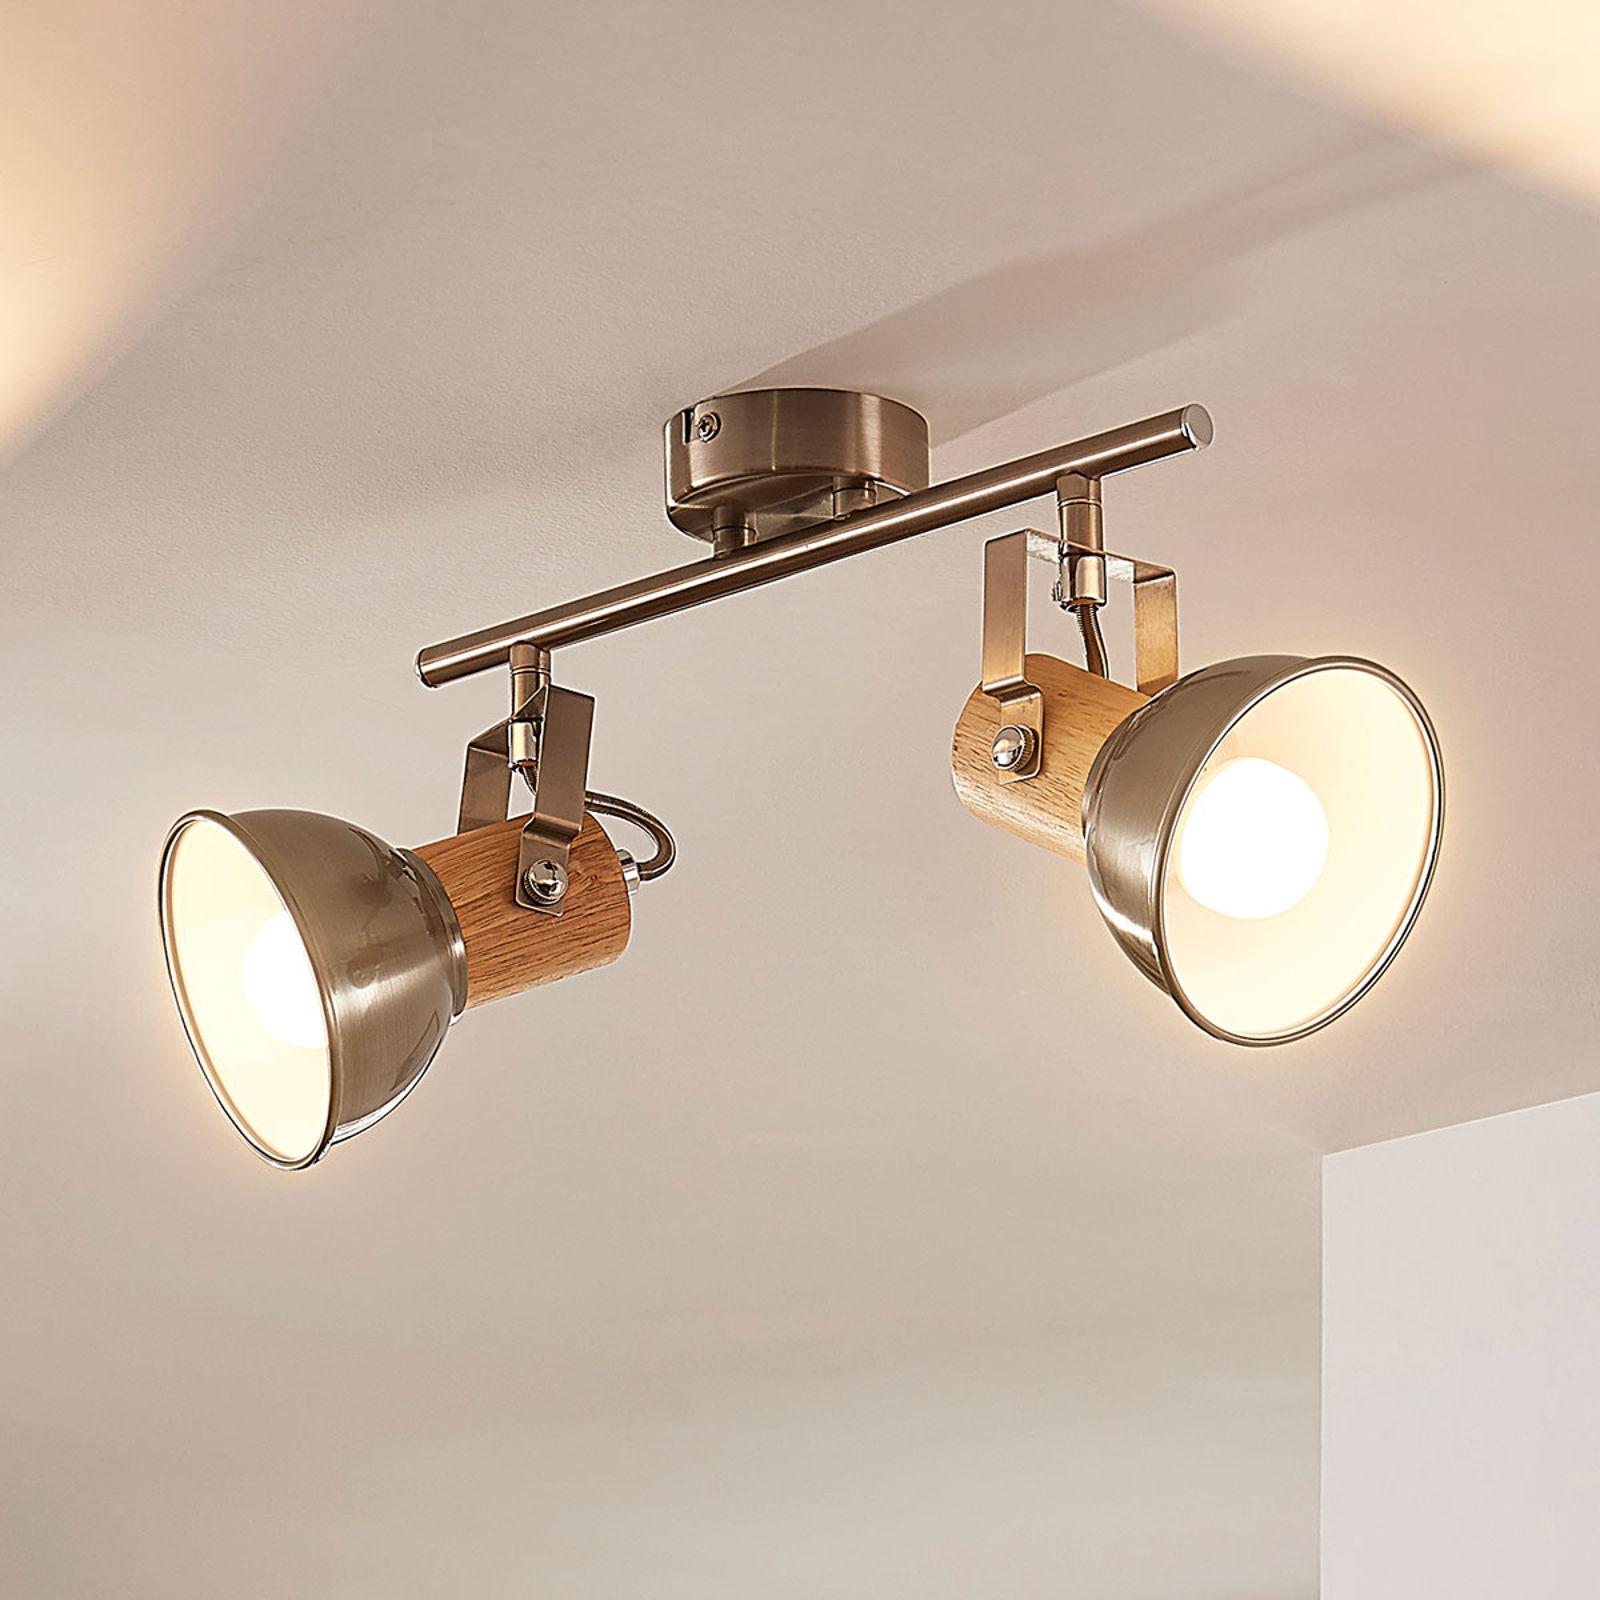 Lampa sufitowa LED Dennis, 2-punktowa, z drewnem